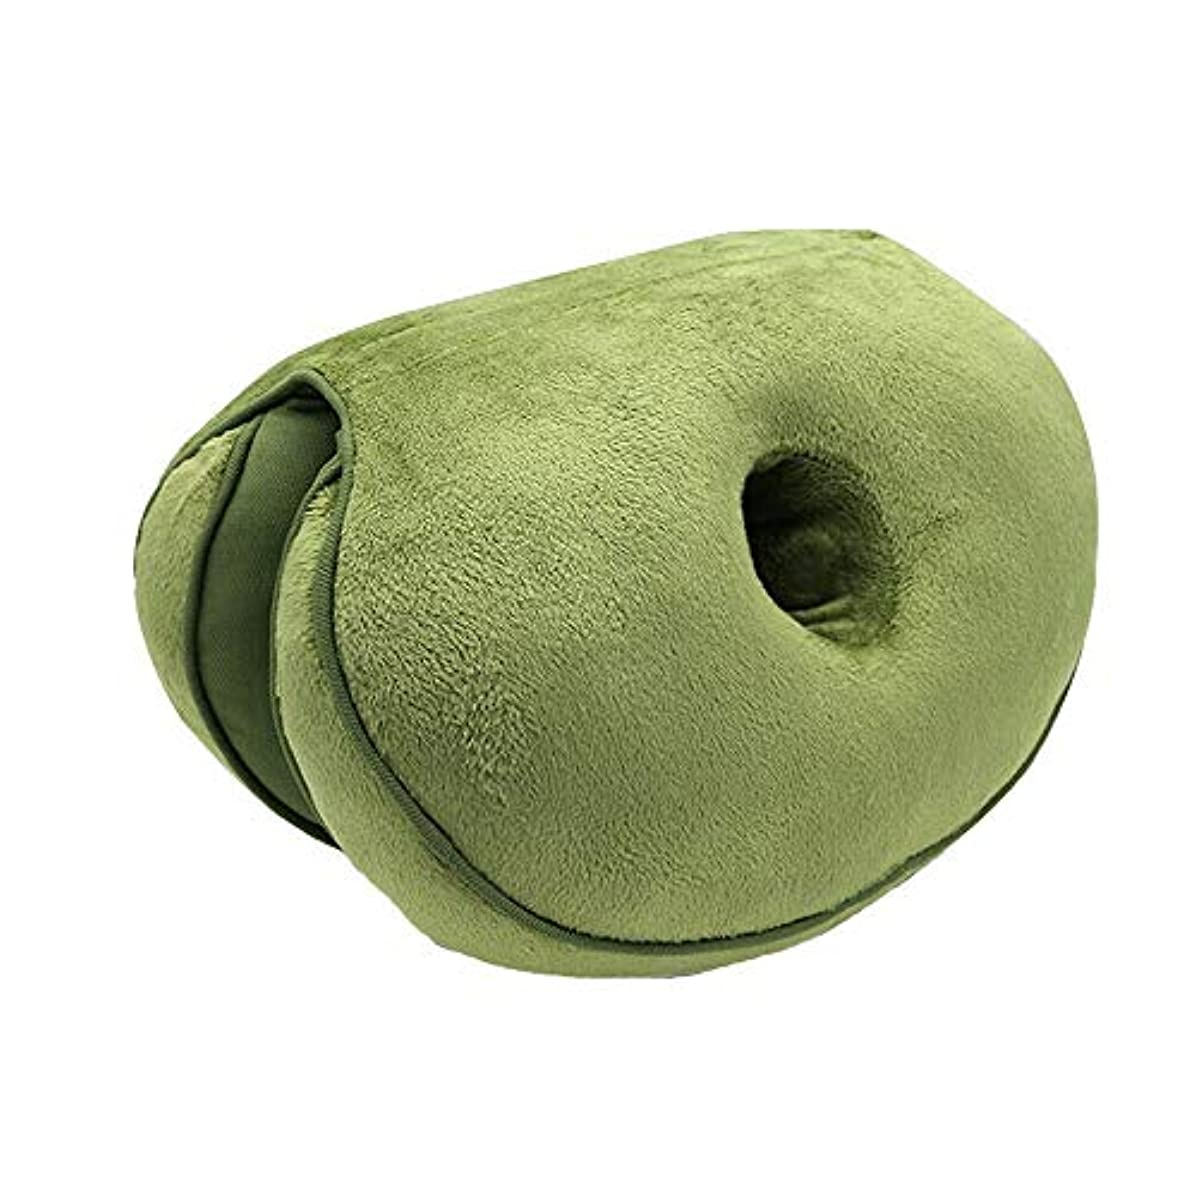 好ましいリラックスした特徴づけるLIFE2019 新デュアルシートクッション低反発ラテックスオフィスチェアバックシートクッション快適な臀部マットパッド枕旅行枕女性女の子クッション 椅子